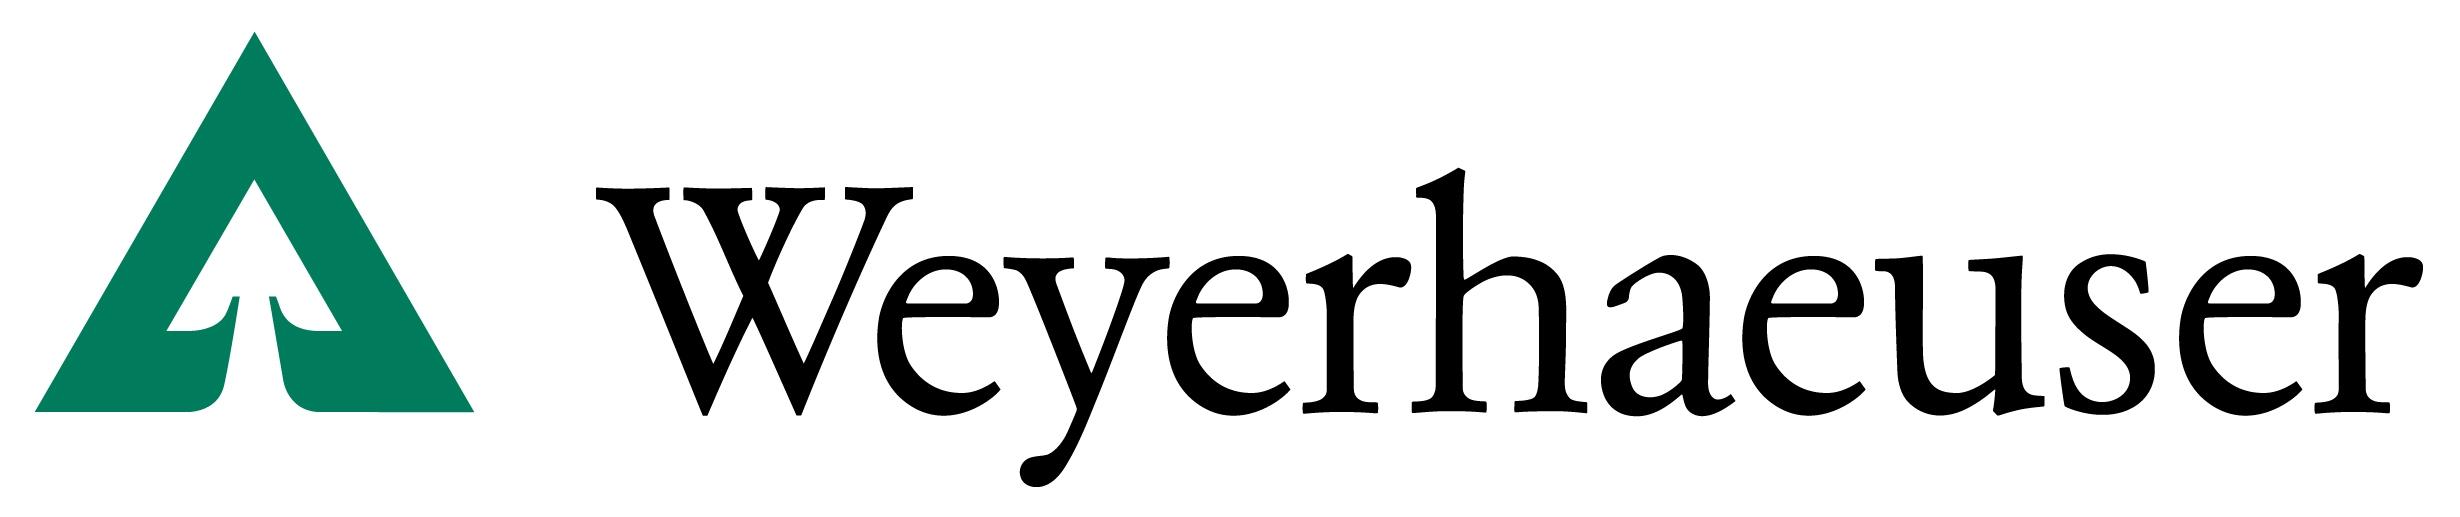 Weyerhaeuser Horz-L-c.jpg